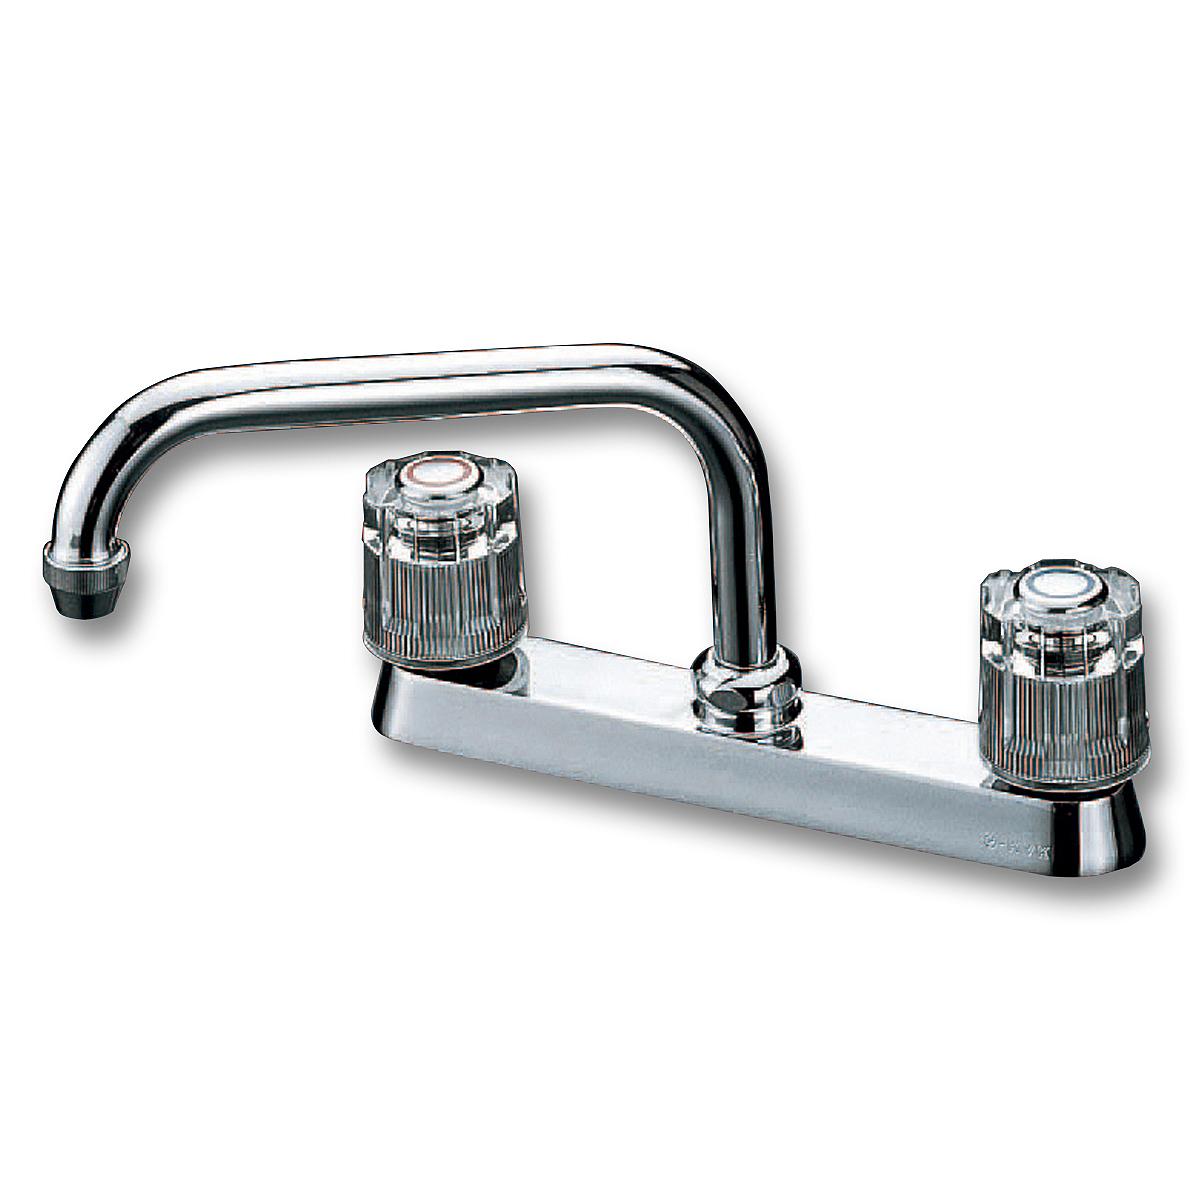 第四章:ご利用での水漏れのトラブルについて